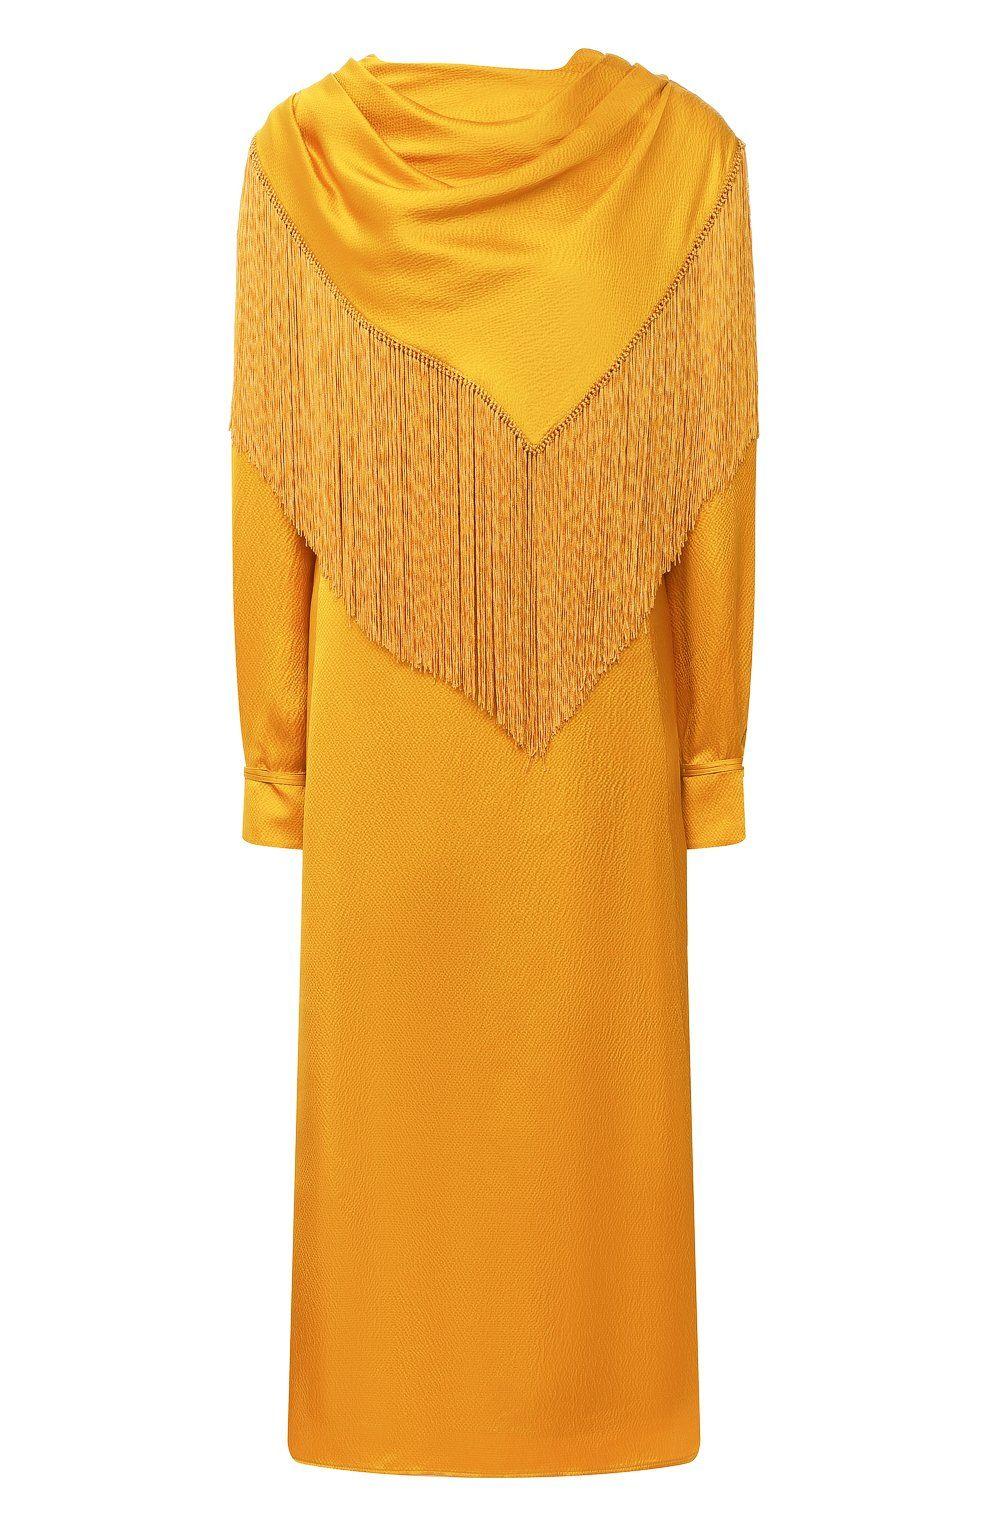 Женское оранжевое шелковое платье GABRIELA HEARST — купить за 321500 руб. в  интернет-магазине ЦУМ, арт. 120409 S030 в 2020 г | Платья, Одежда, Шёлк